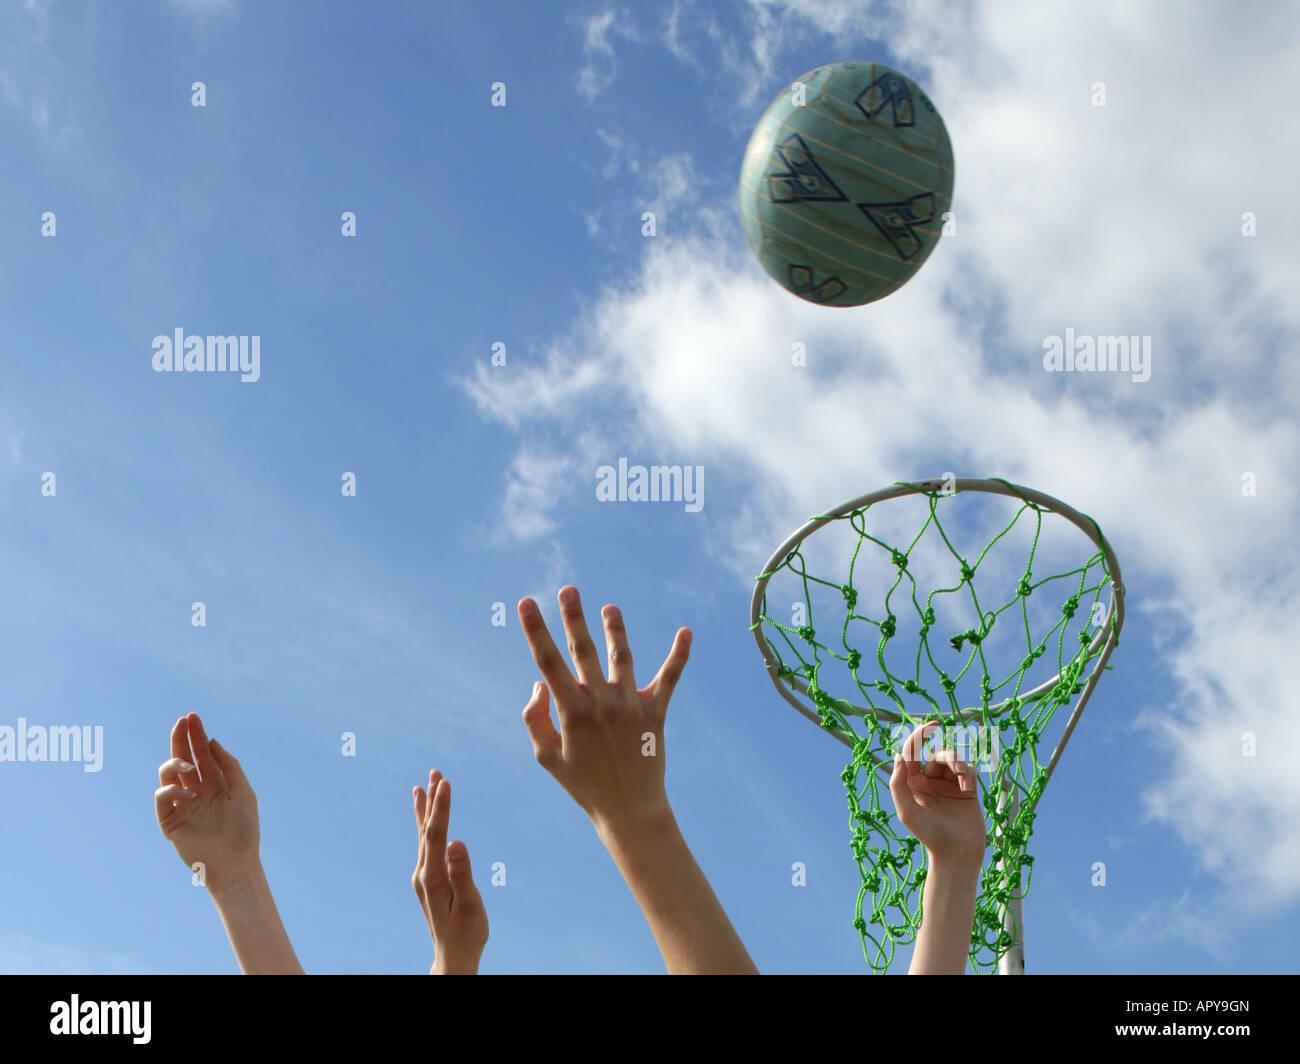 El balonvolea manos en blue sky Imagen De Stock